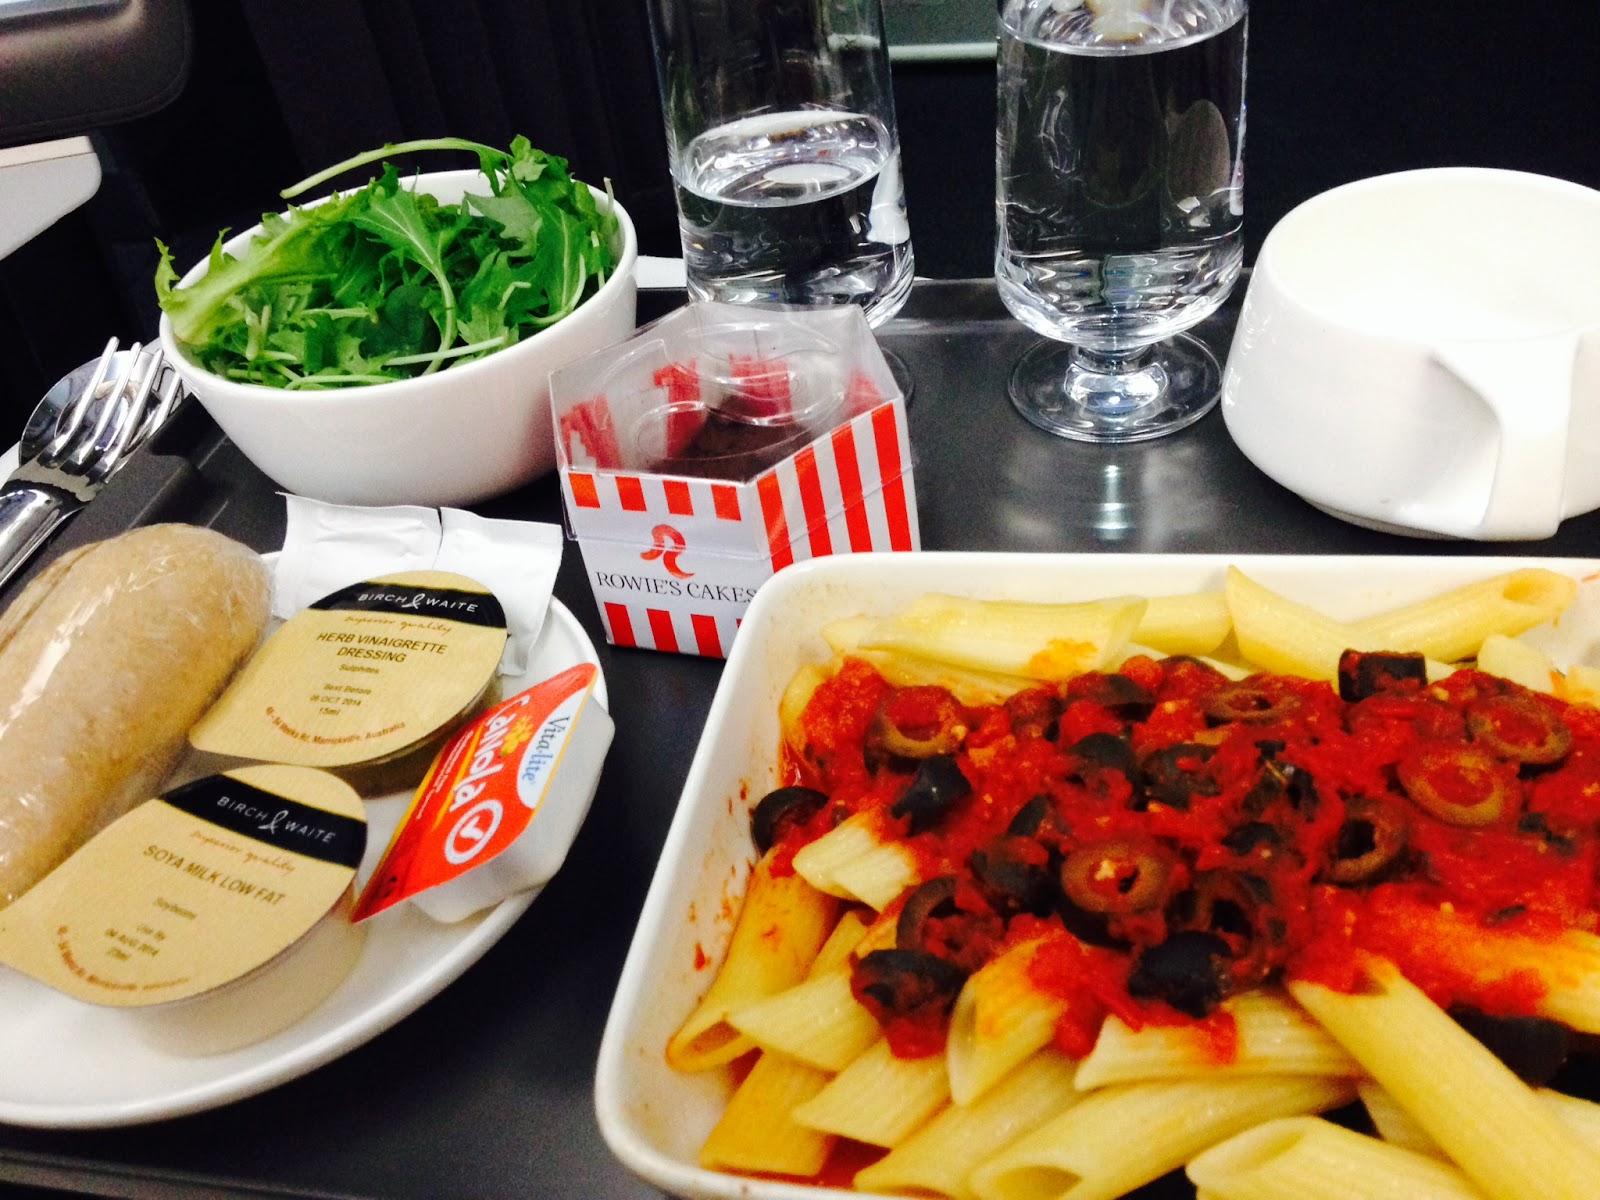 Qantas Premium Economy - Vegan meal